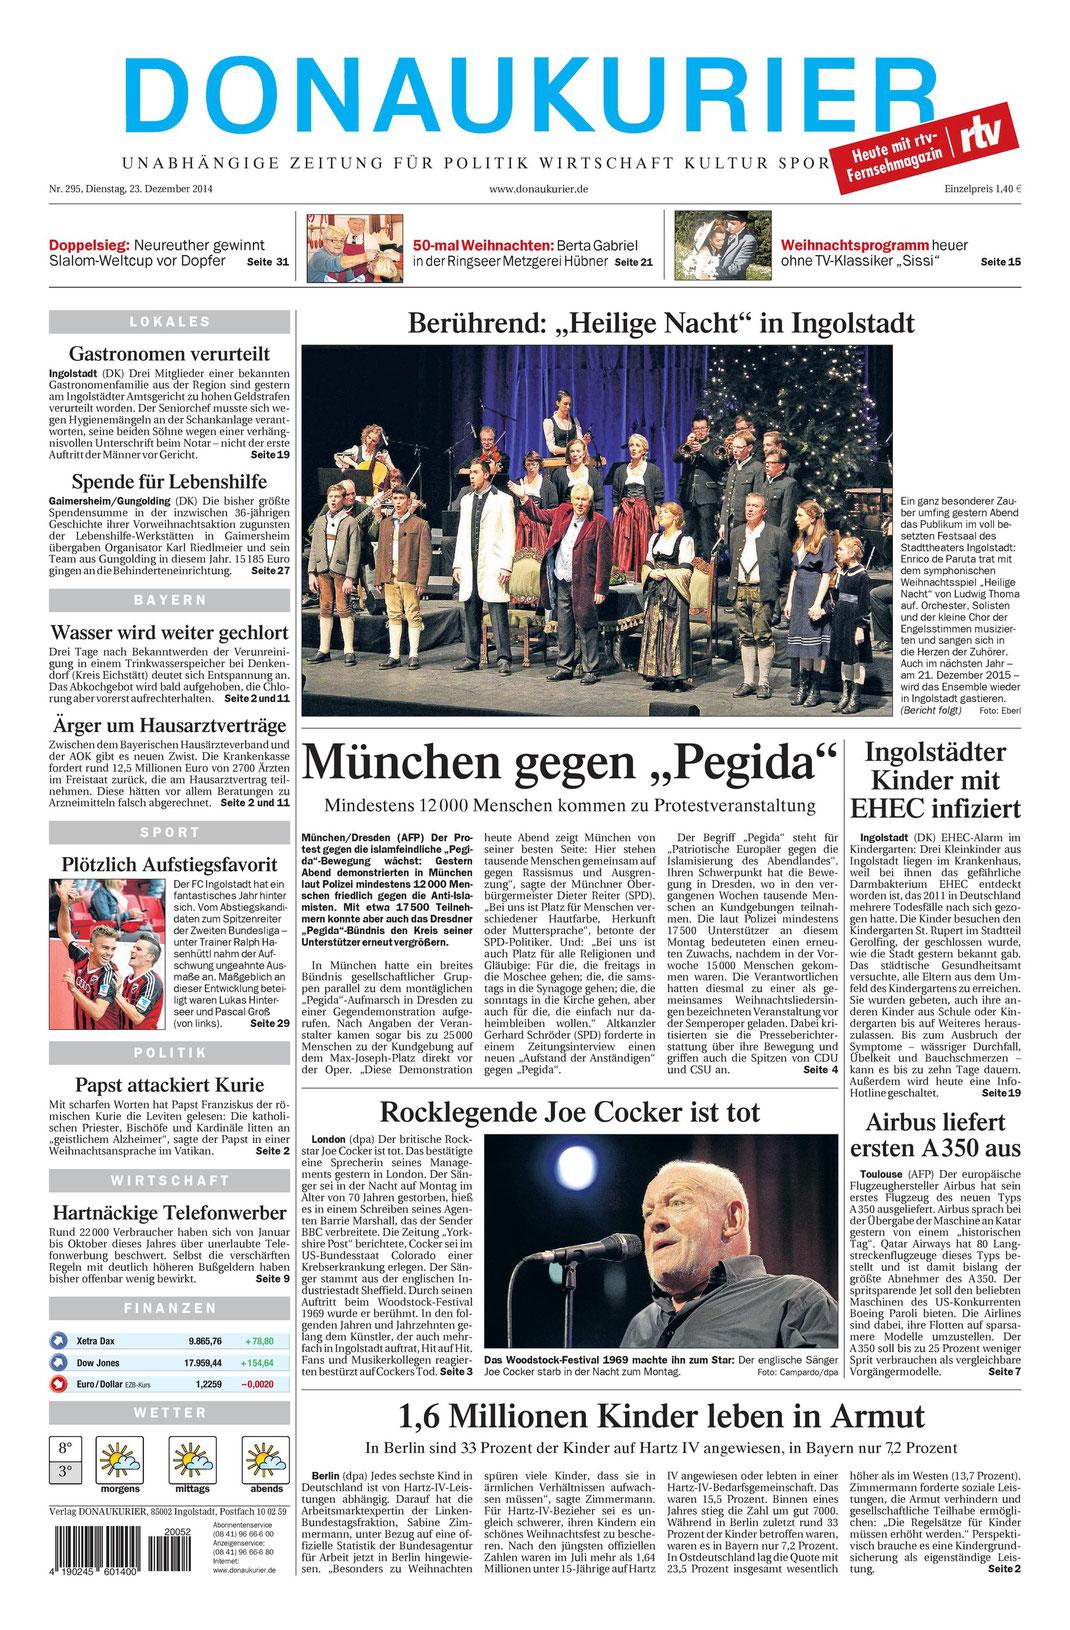 Donaukurier gesamt Titelseite 23.12.2014